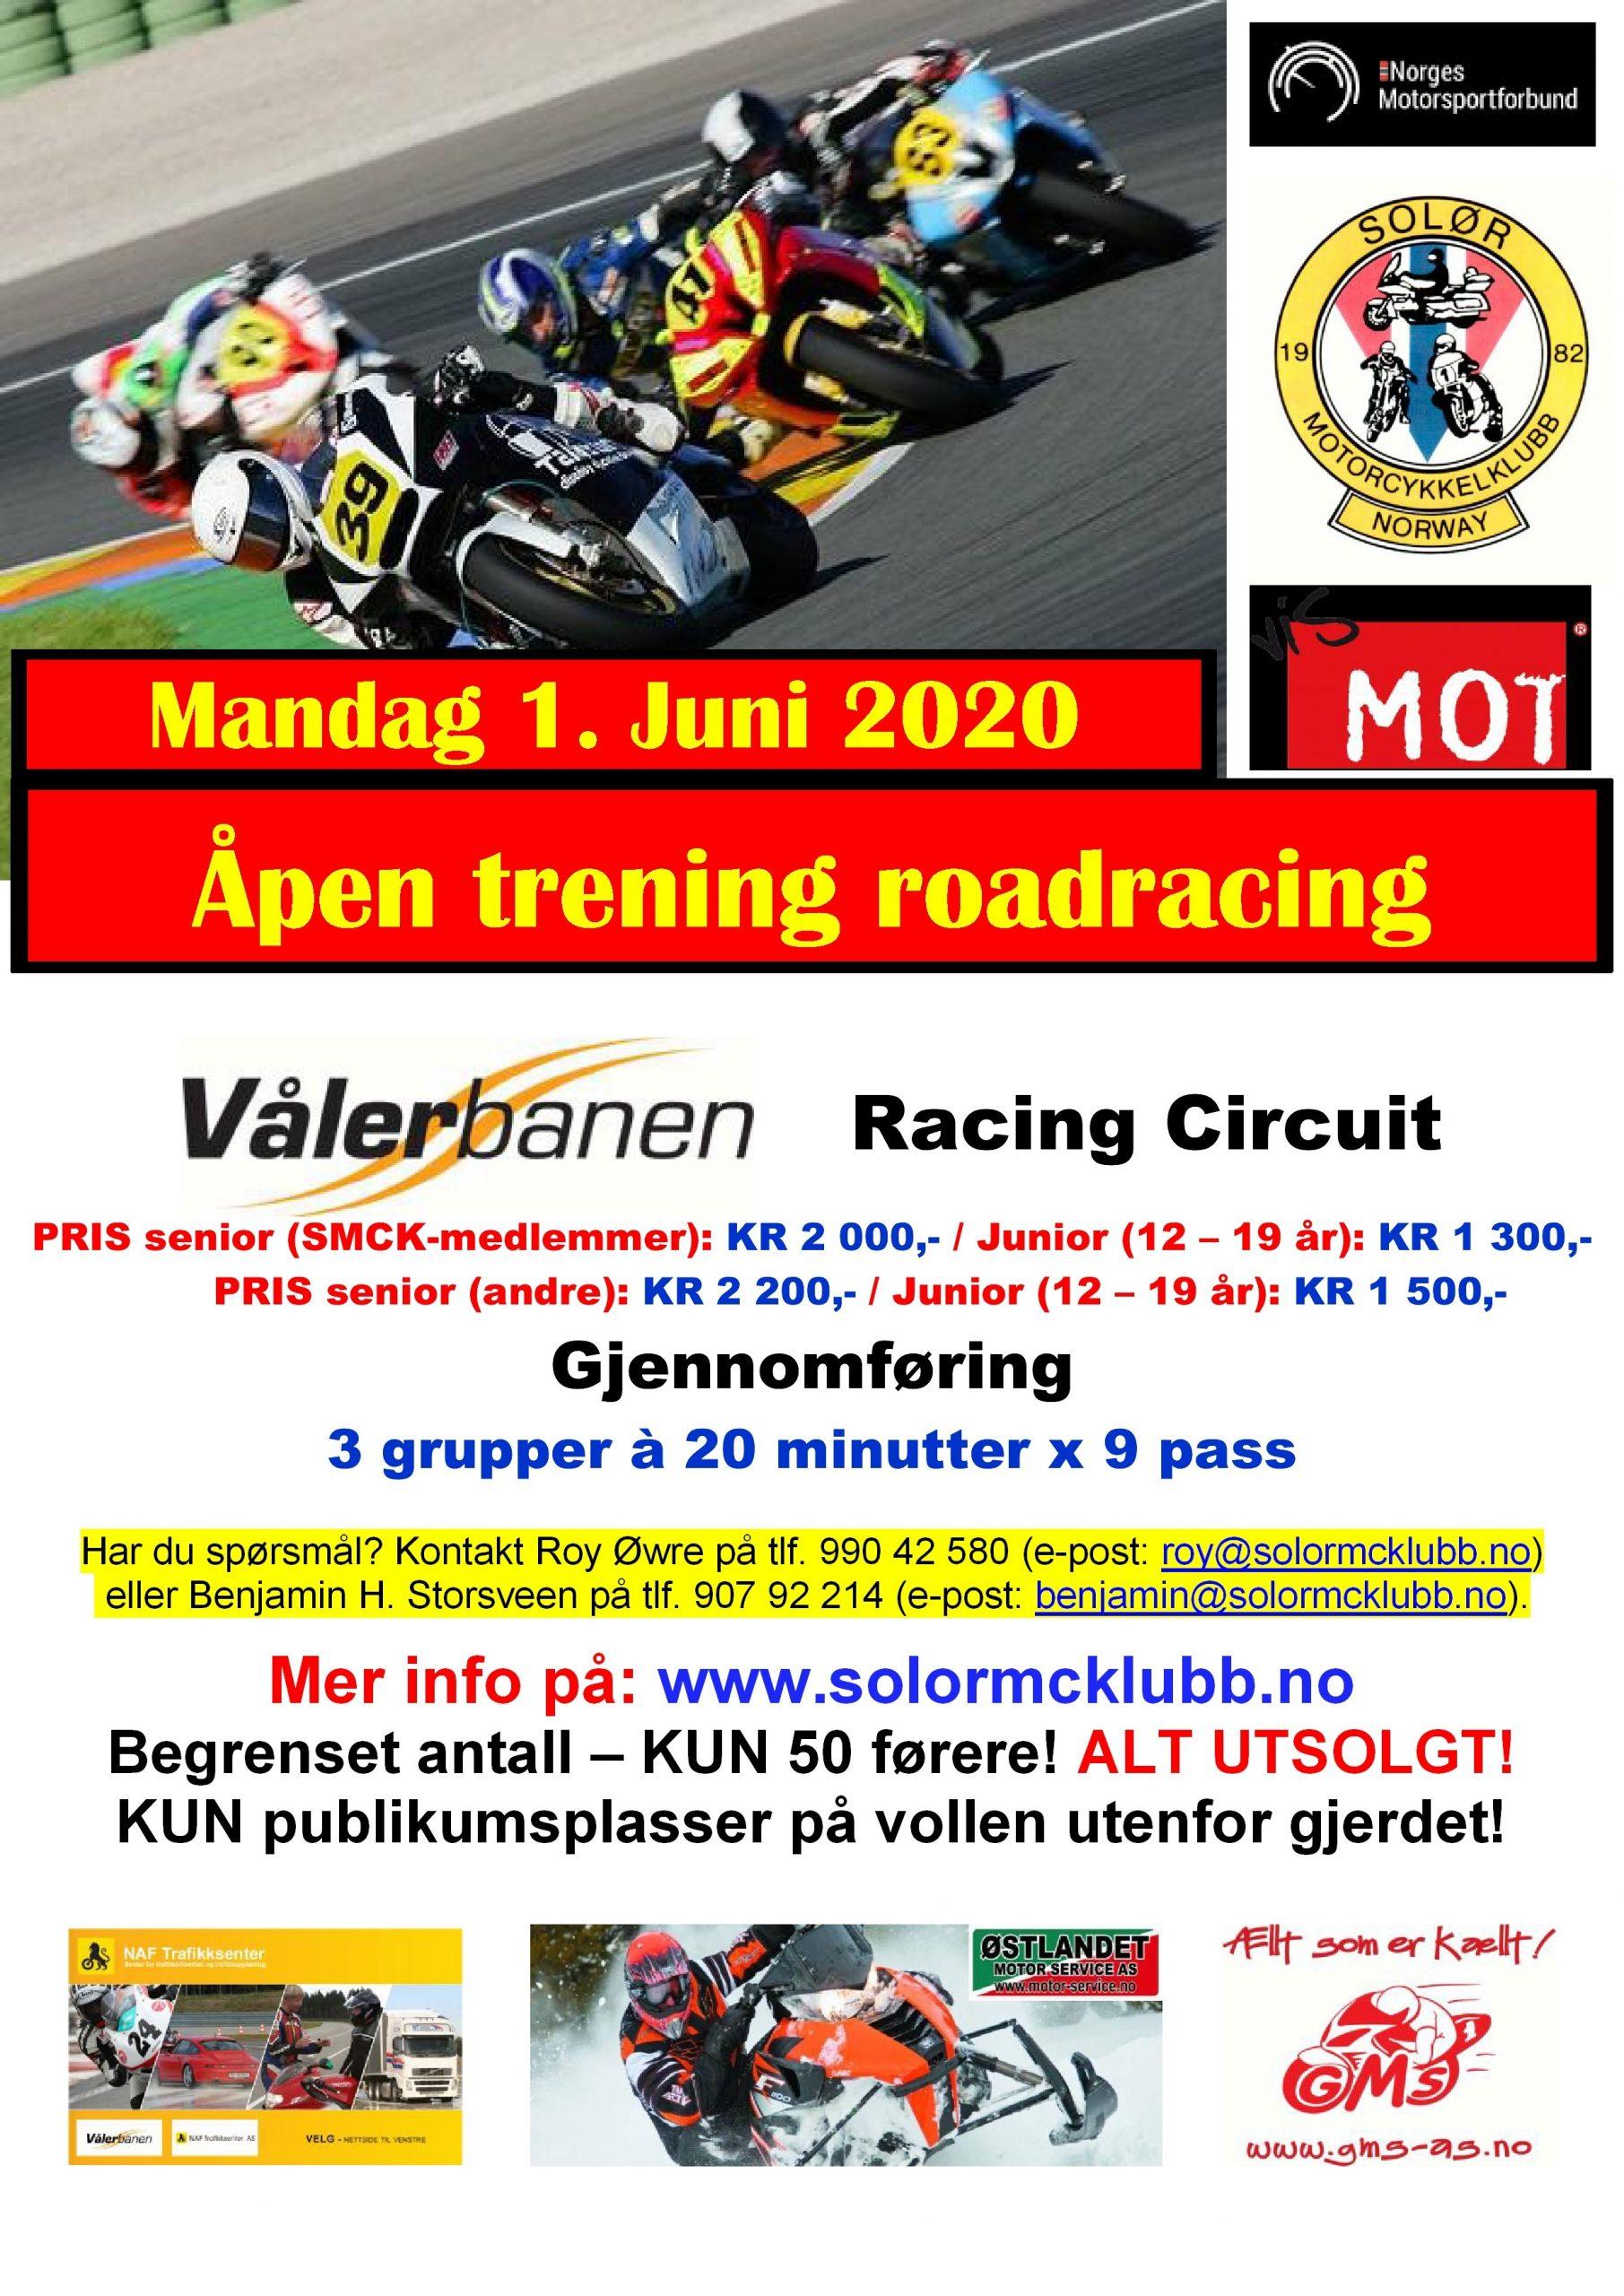 10 - POSTER - Heldagstrening RR - Vålerbanen - Mandag 1. Juni 2020